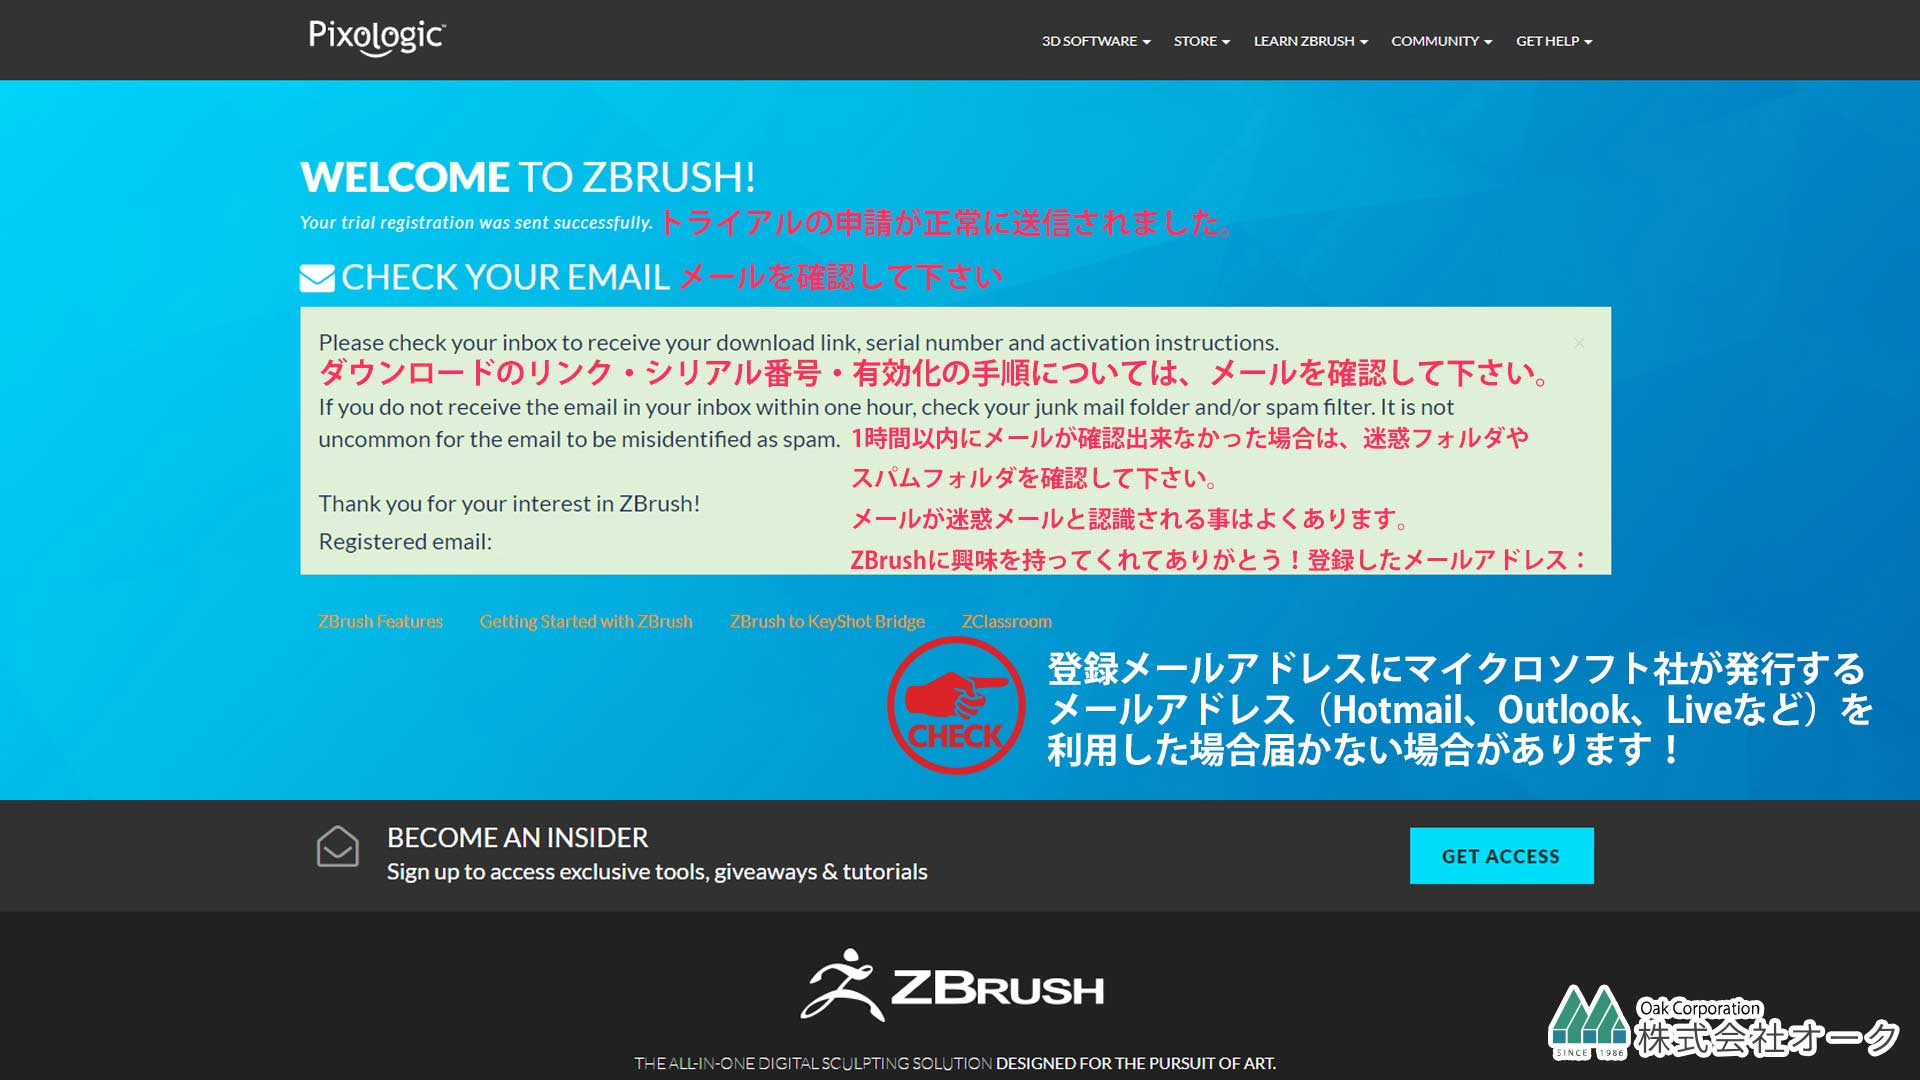 ZBrush 申請のフォーム